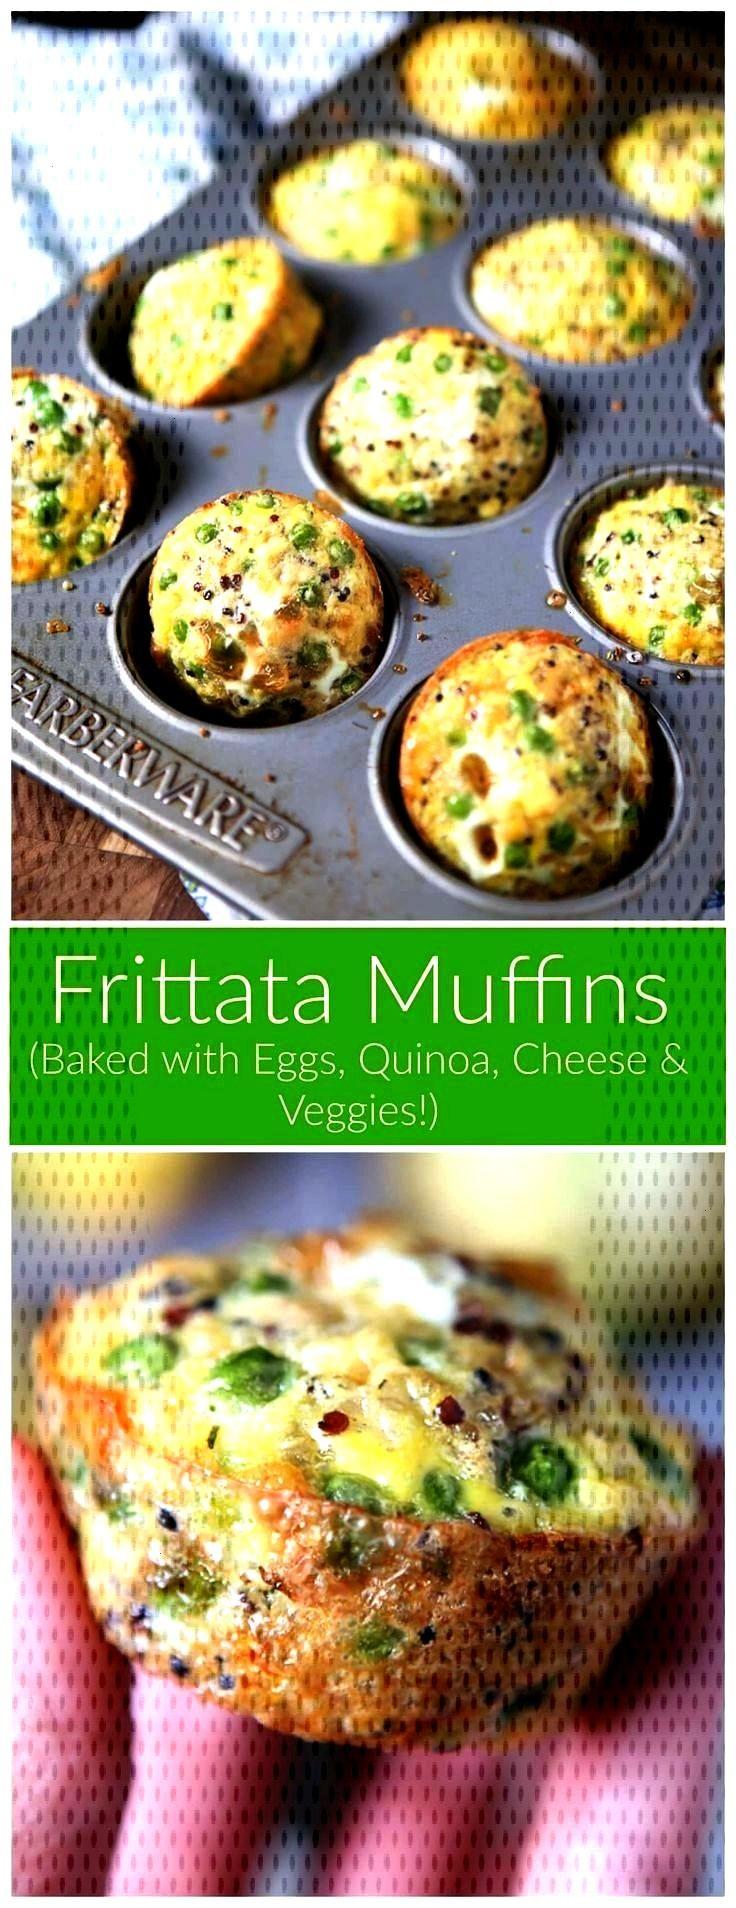 Muffins | Gebackene Quinoa- und Eimuffins Frittata Muffins | Gebackene Quinoa- und Eimuffins,Fritta